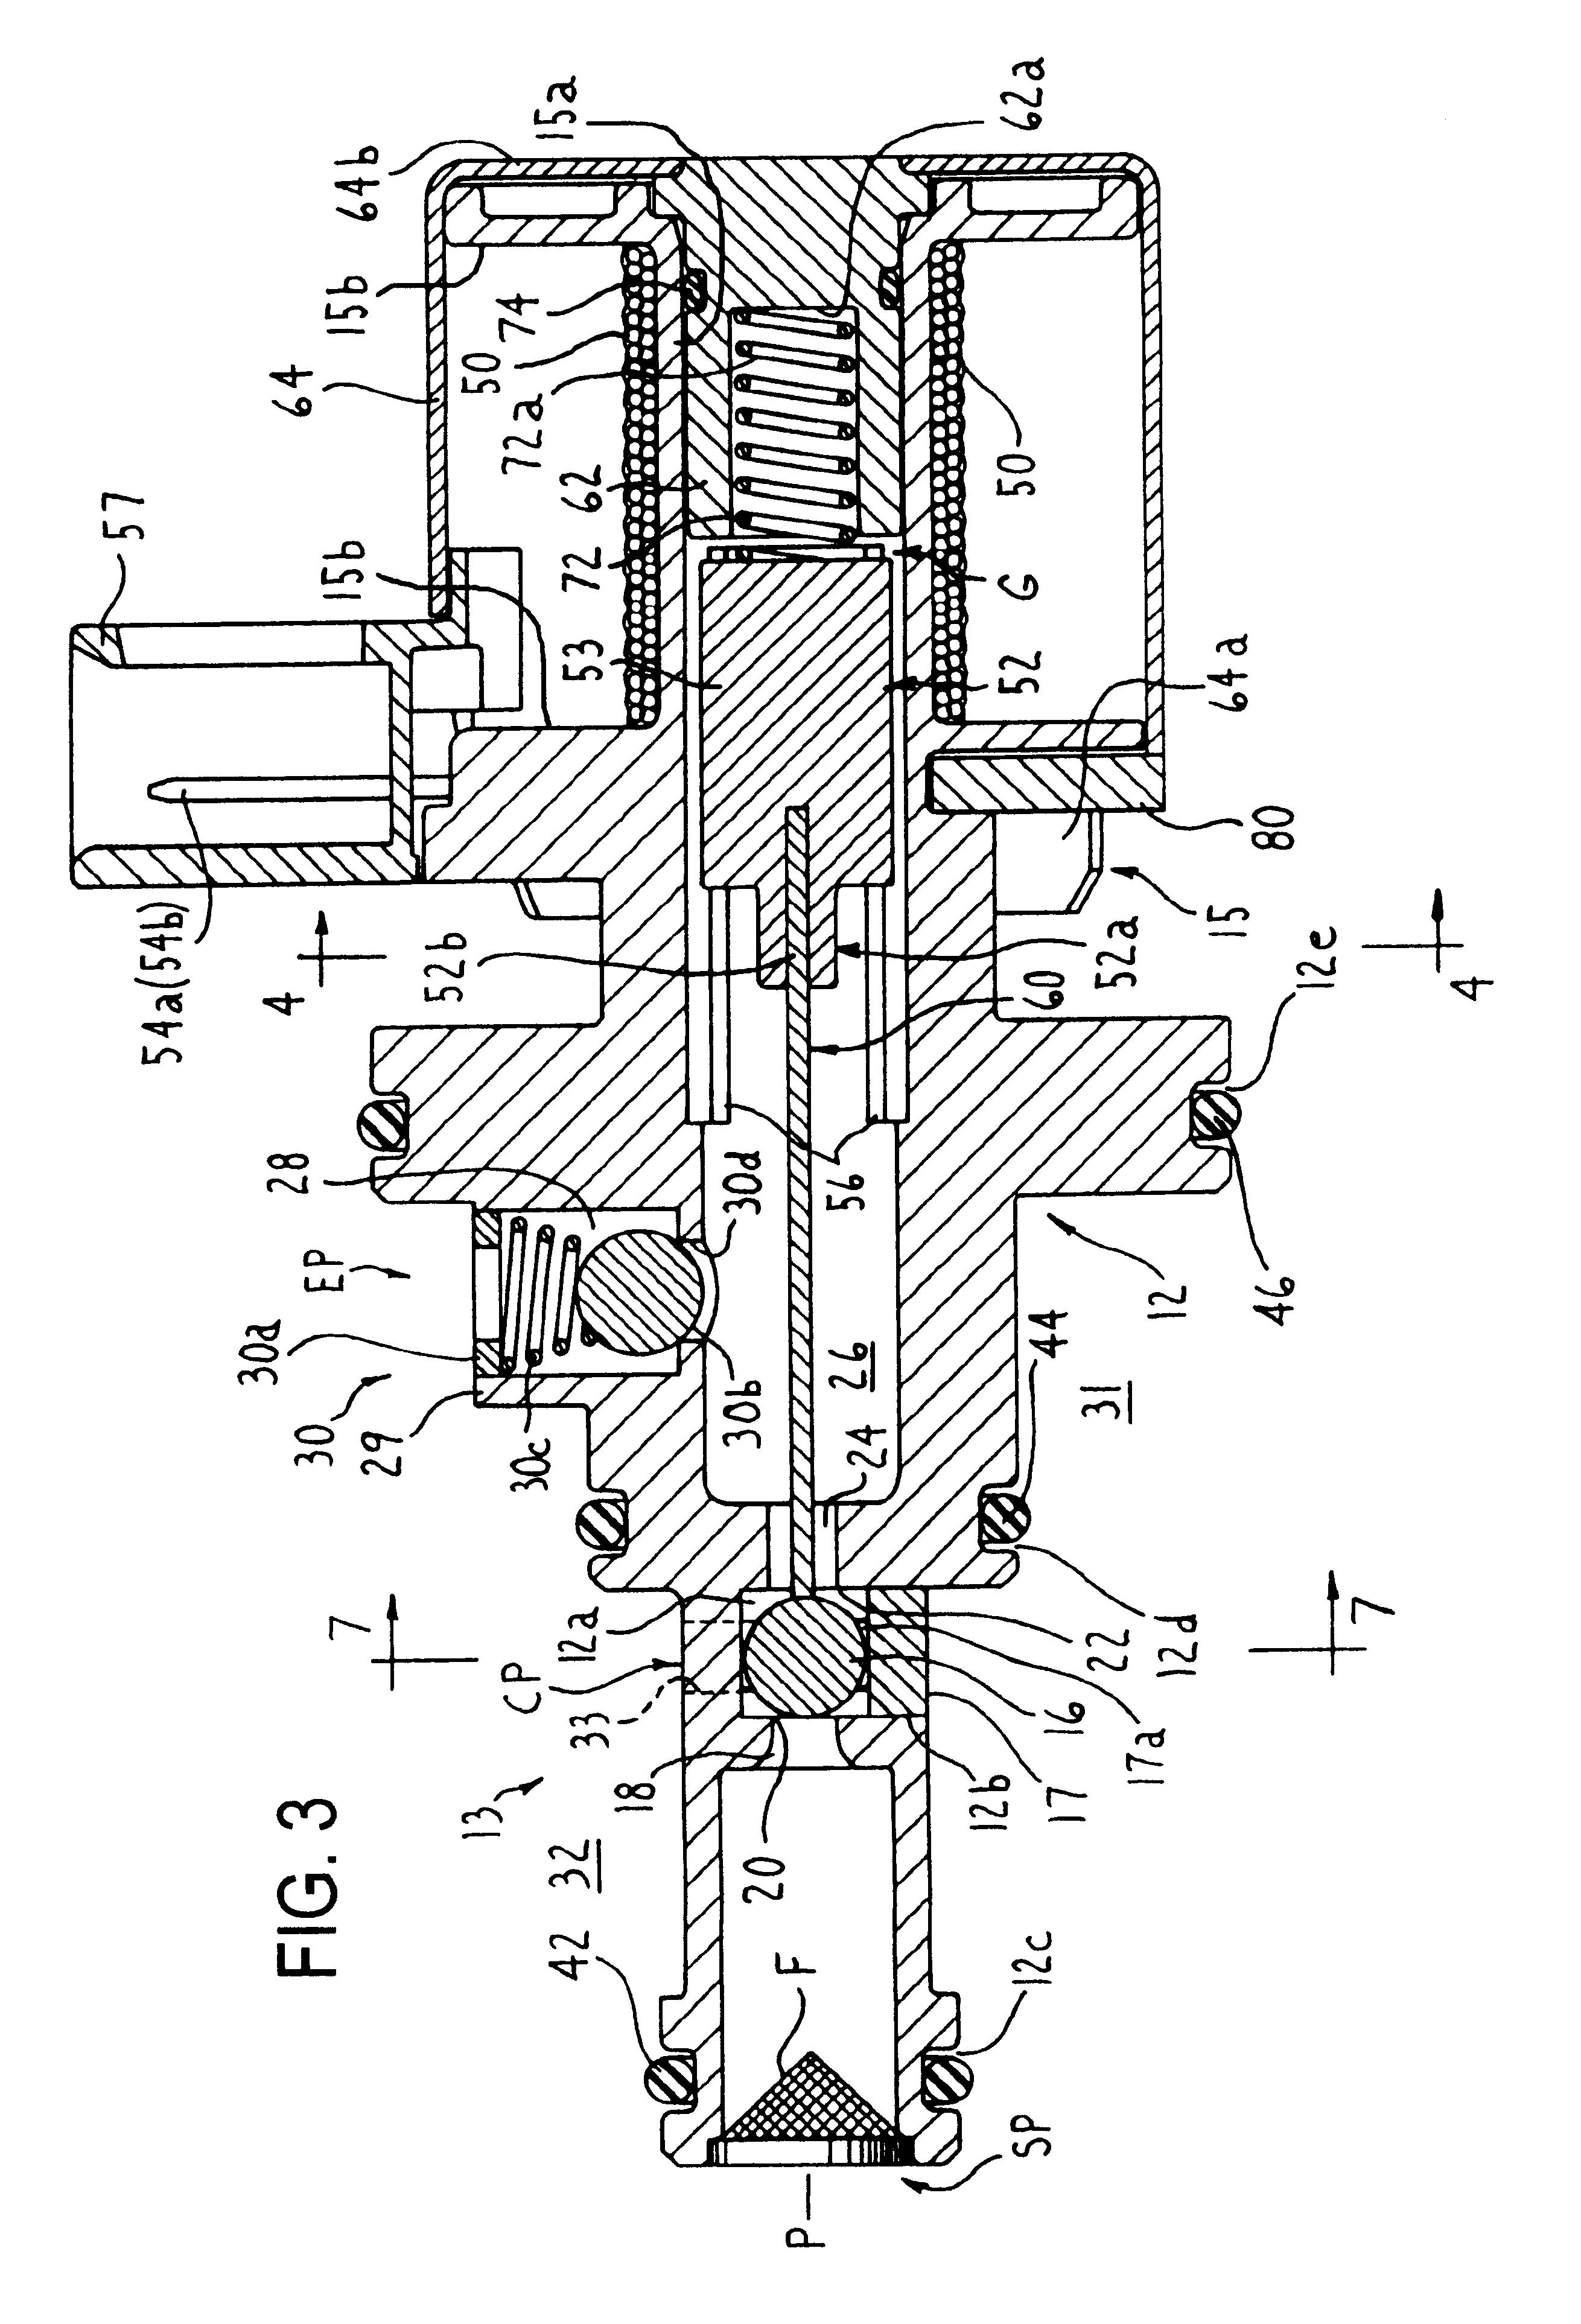 patent us6209563 - solenoid control valve